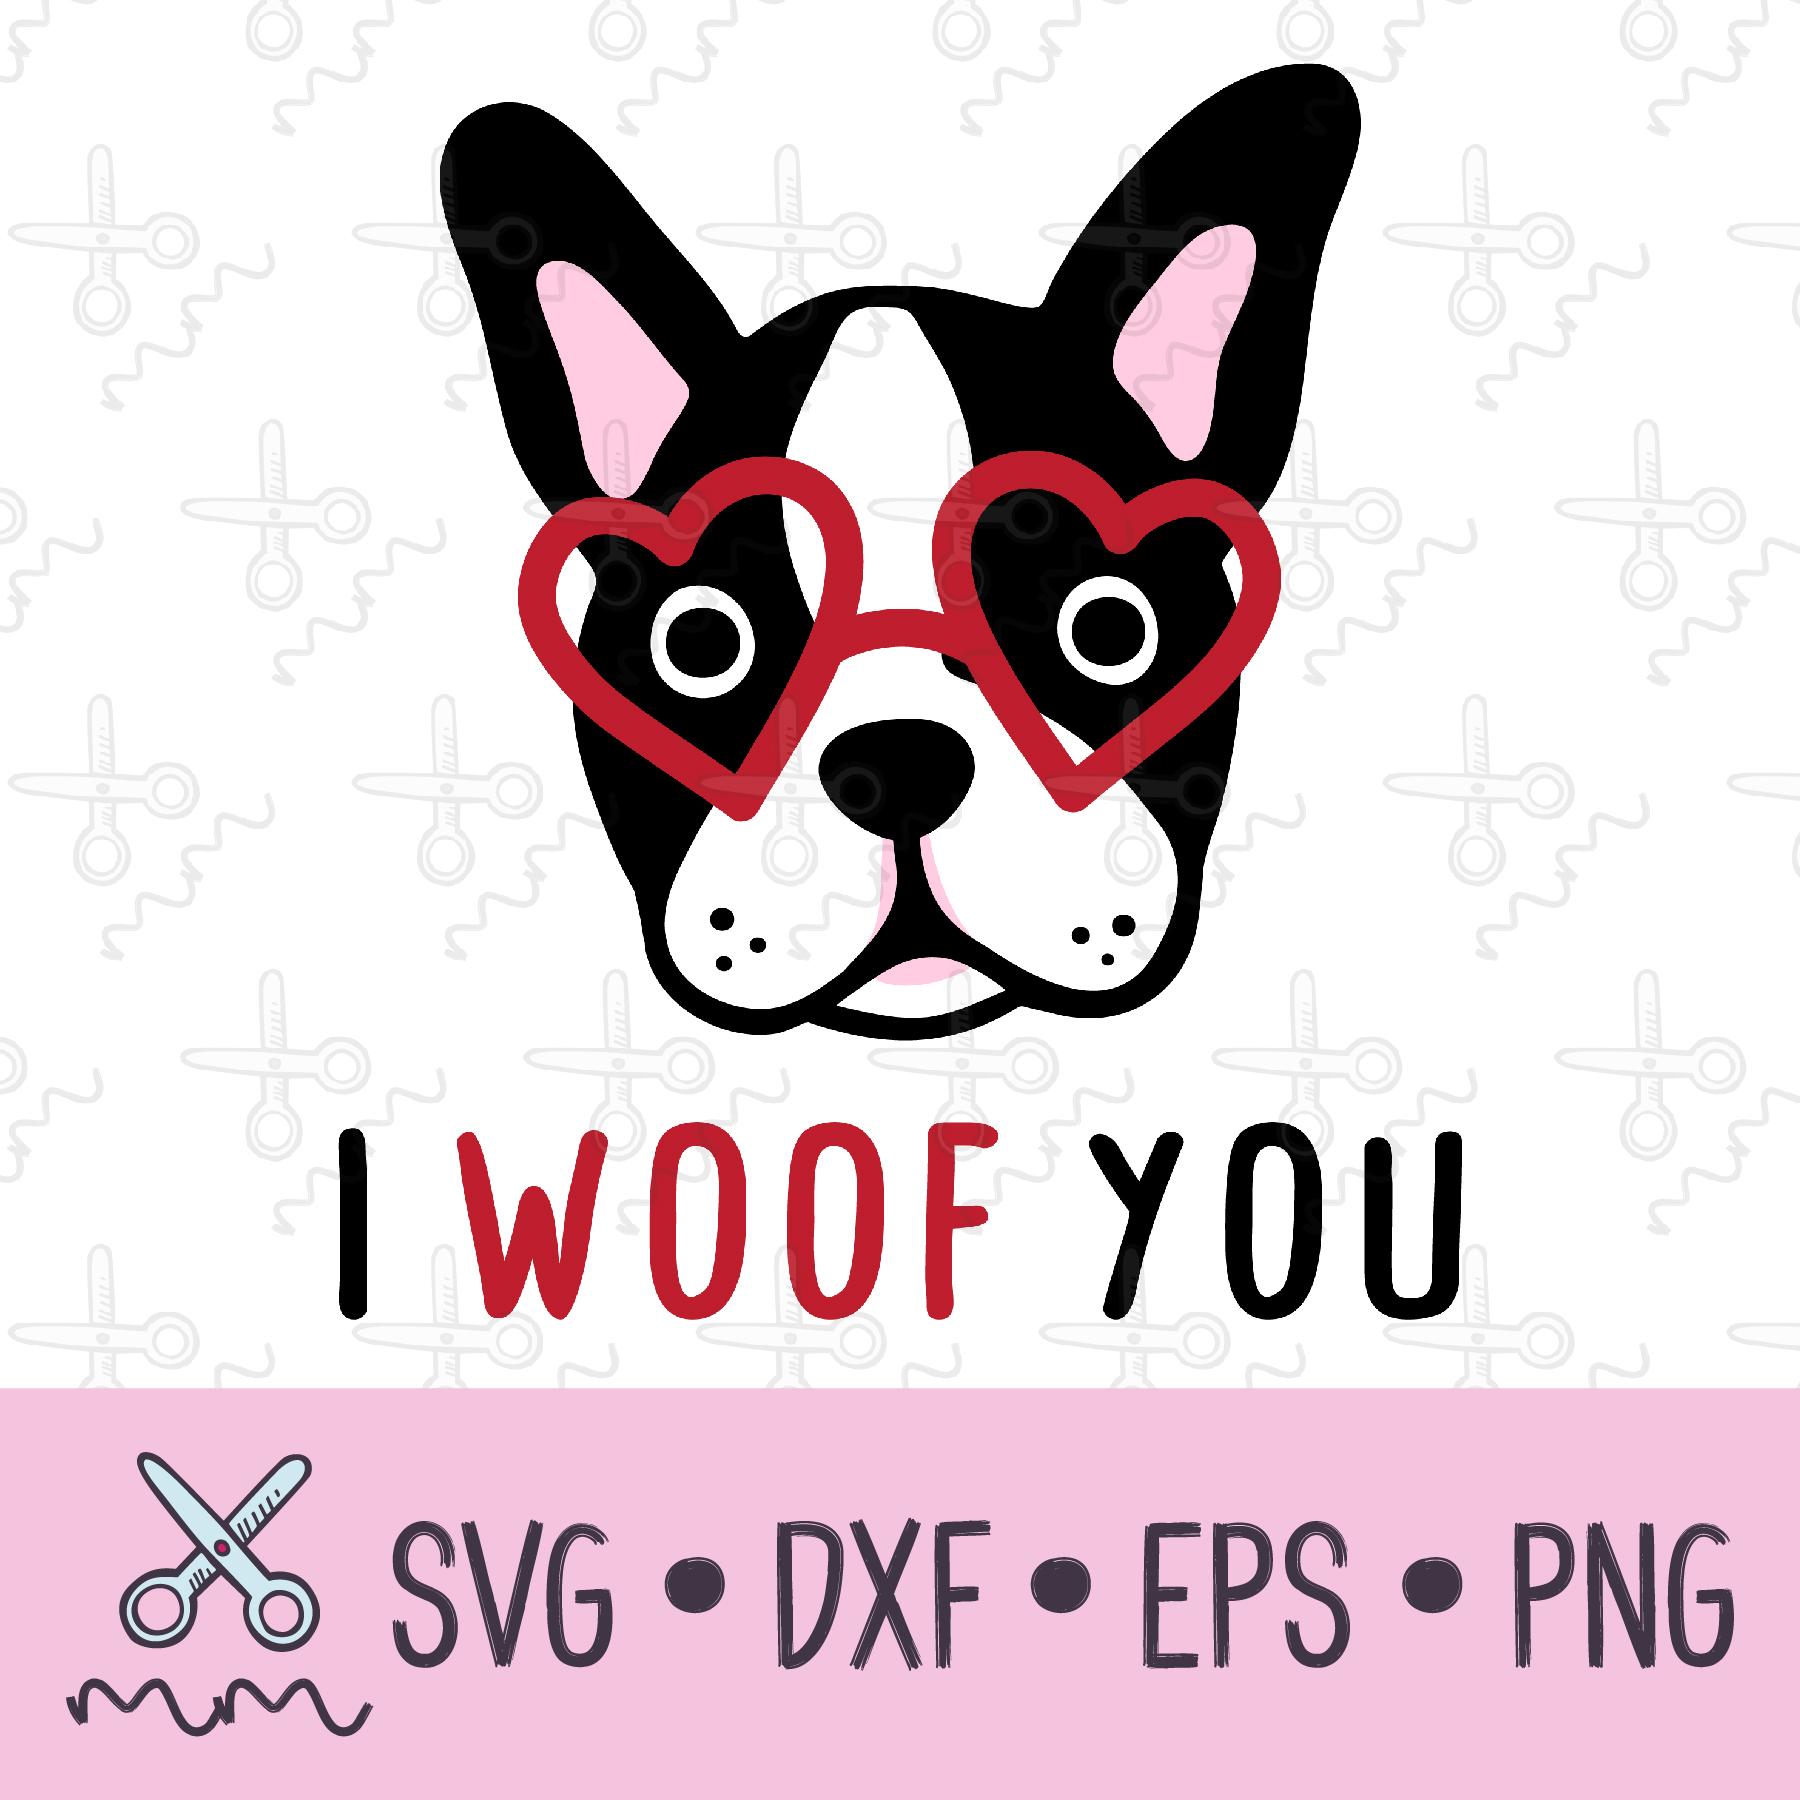 Download I Woof You Dog Valentine SVG - The Modish Maker